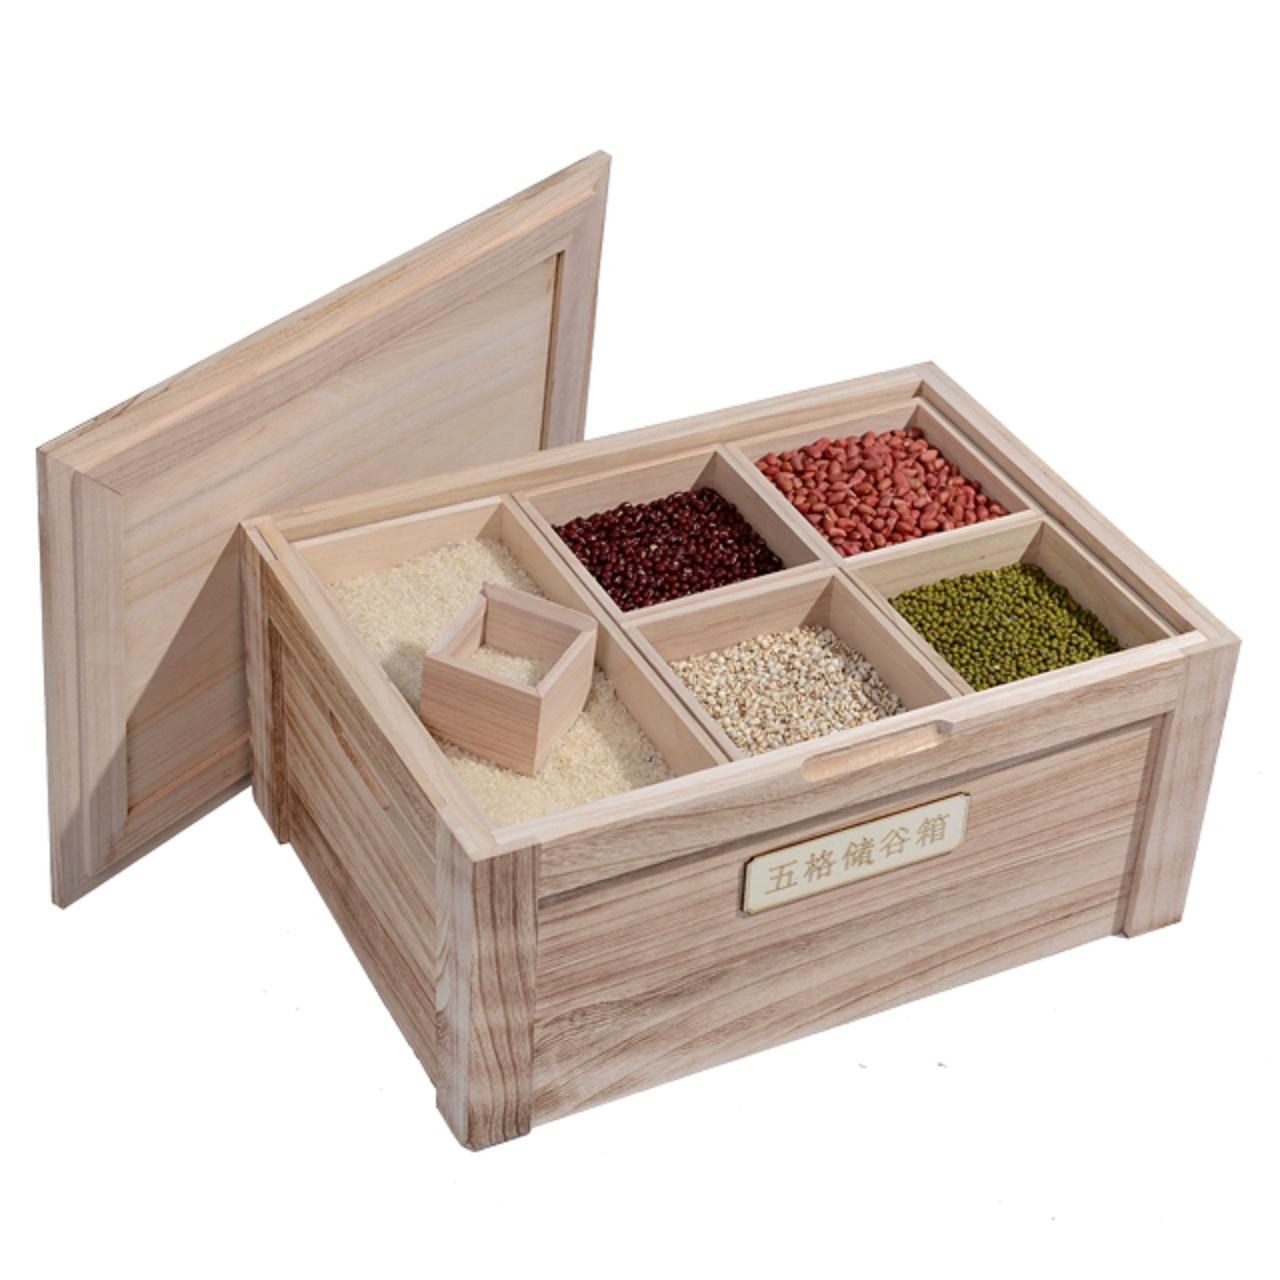 久木林林 全實木密封五格儲糧箱 炭化米箱 米桶 五穀雜糧箱  005